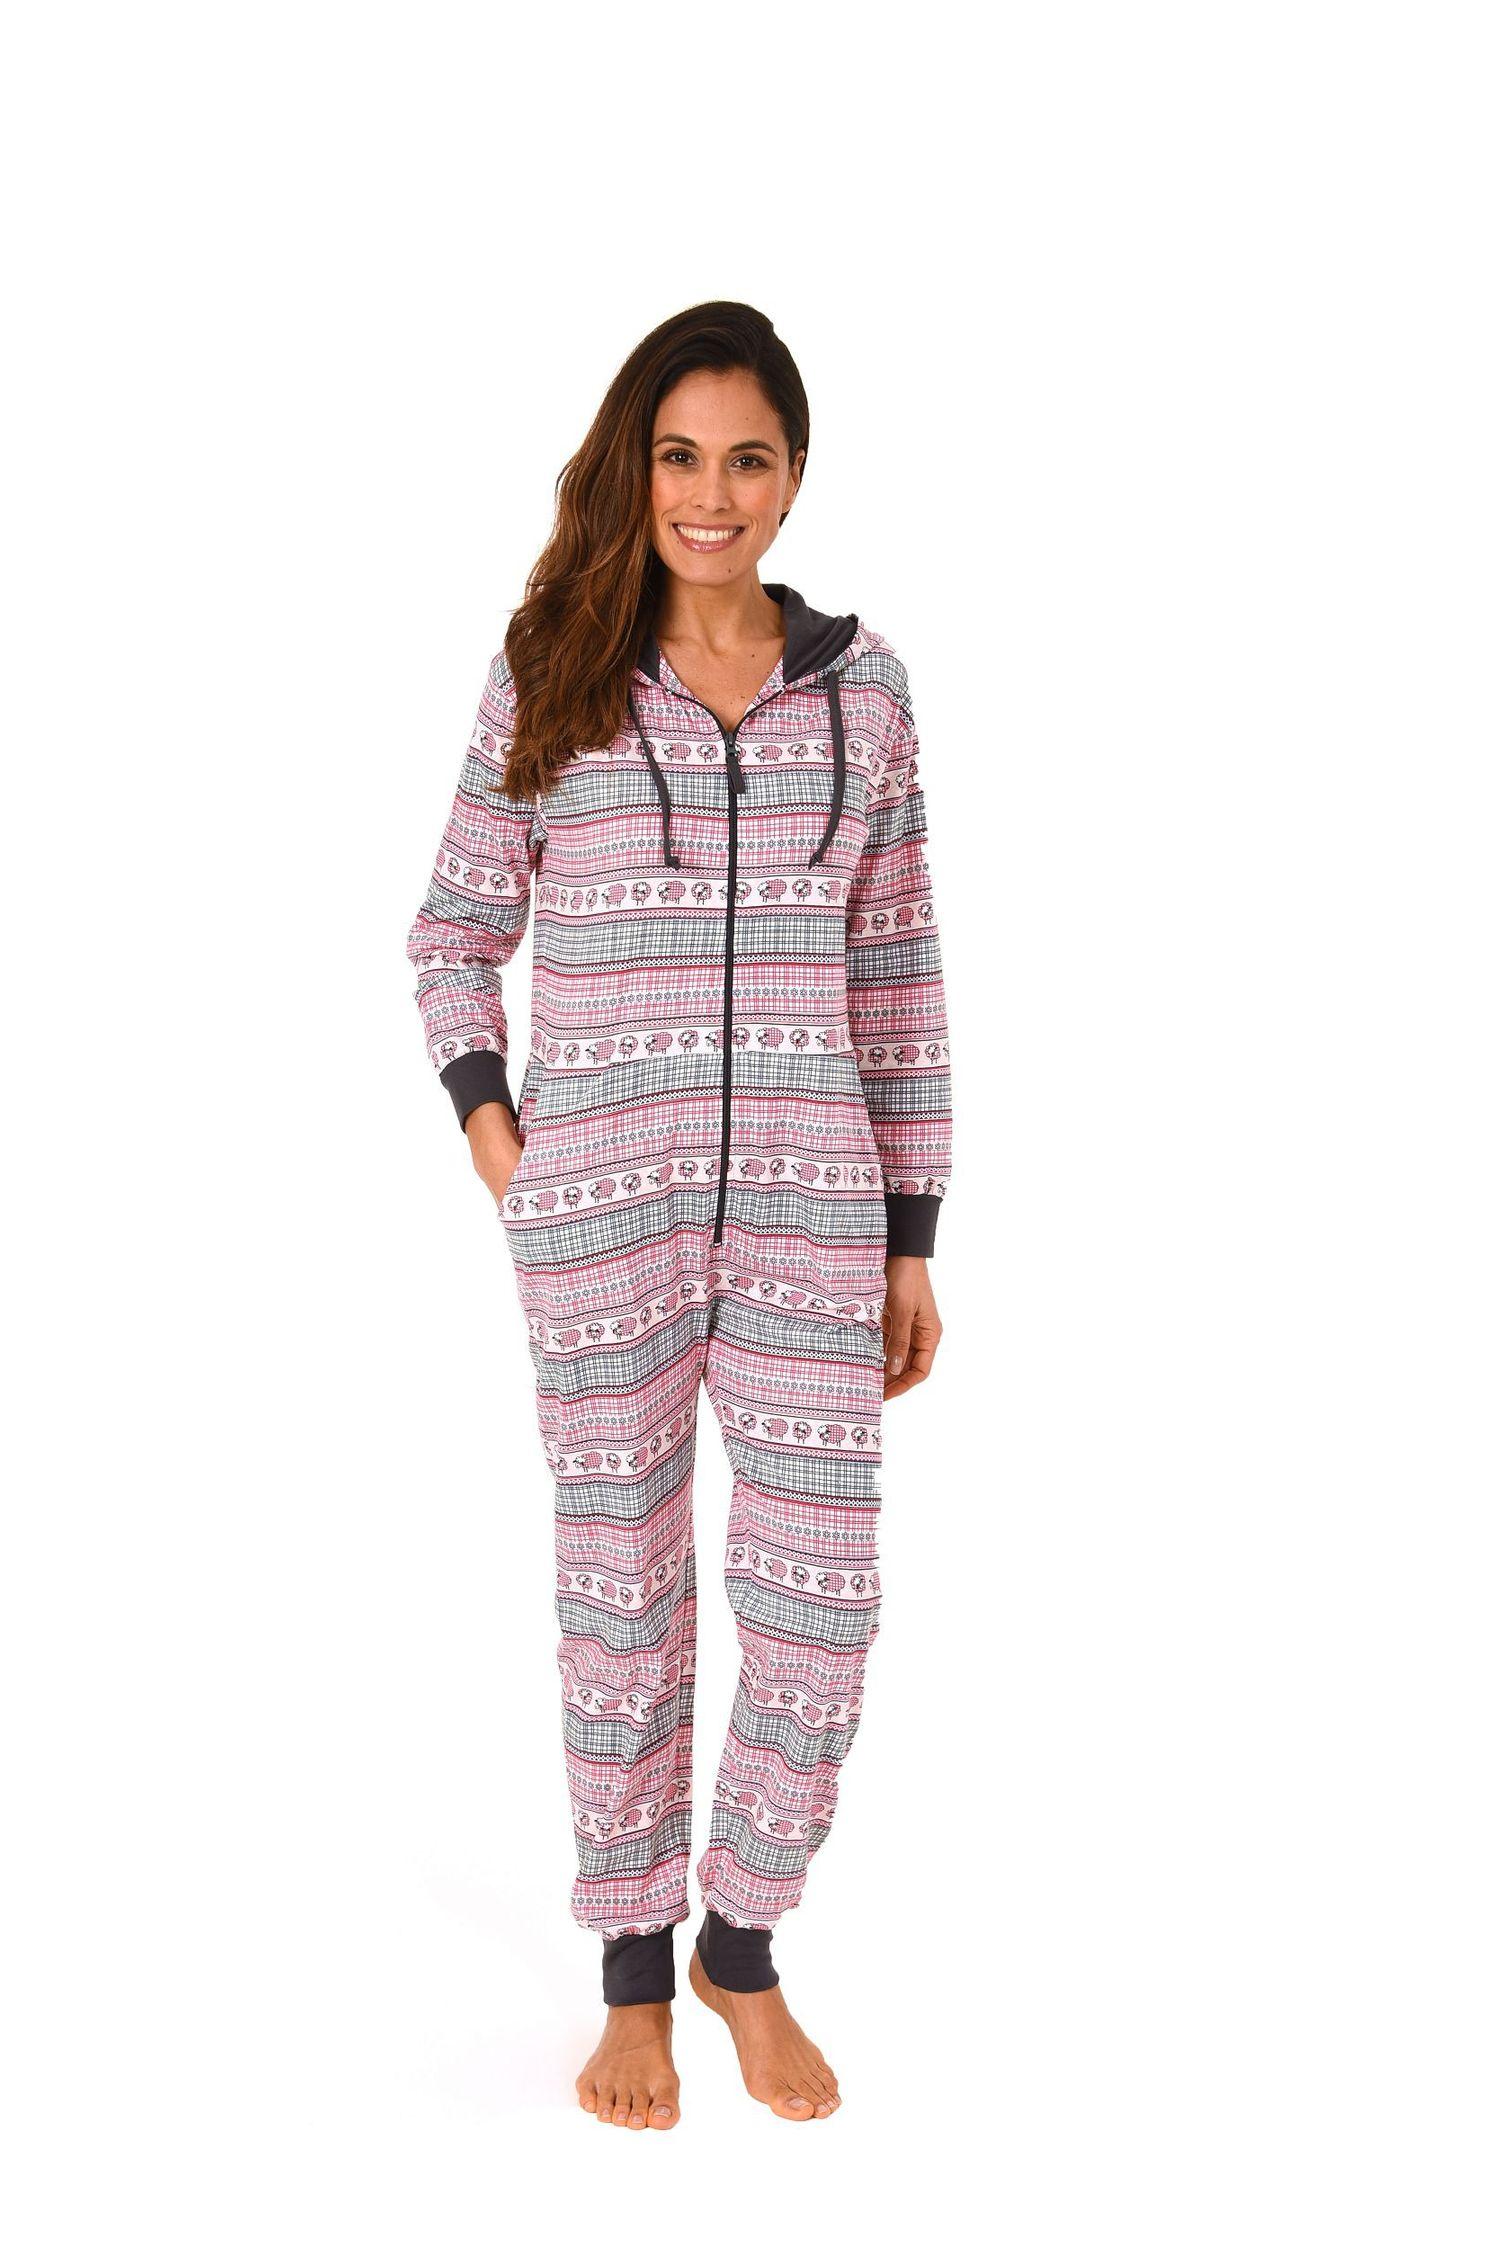 große Auswahl Großhandelspreis 2019 billiger Verkauf Damen Schlafanzug Einteiler Jumpsuit Overall langarm – auch in Übergrössen  – 267 90 418